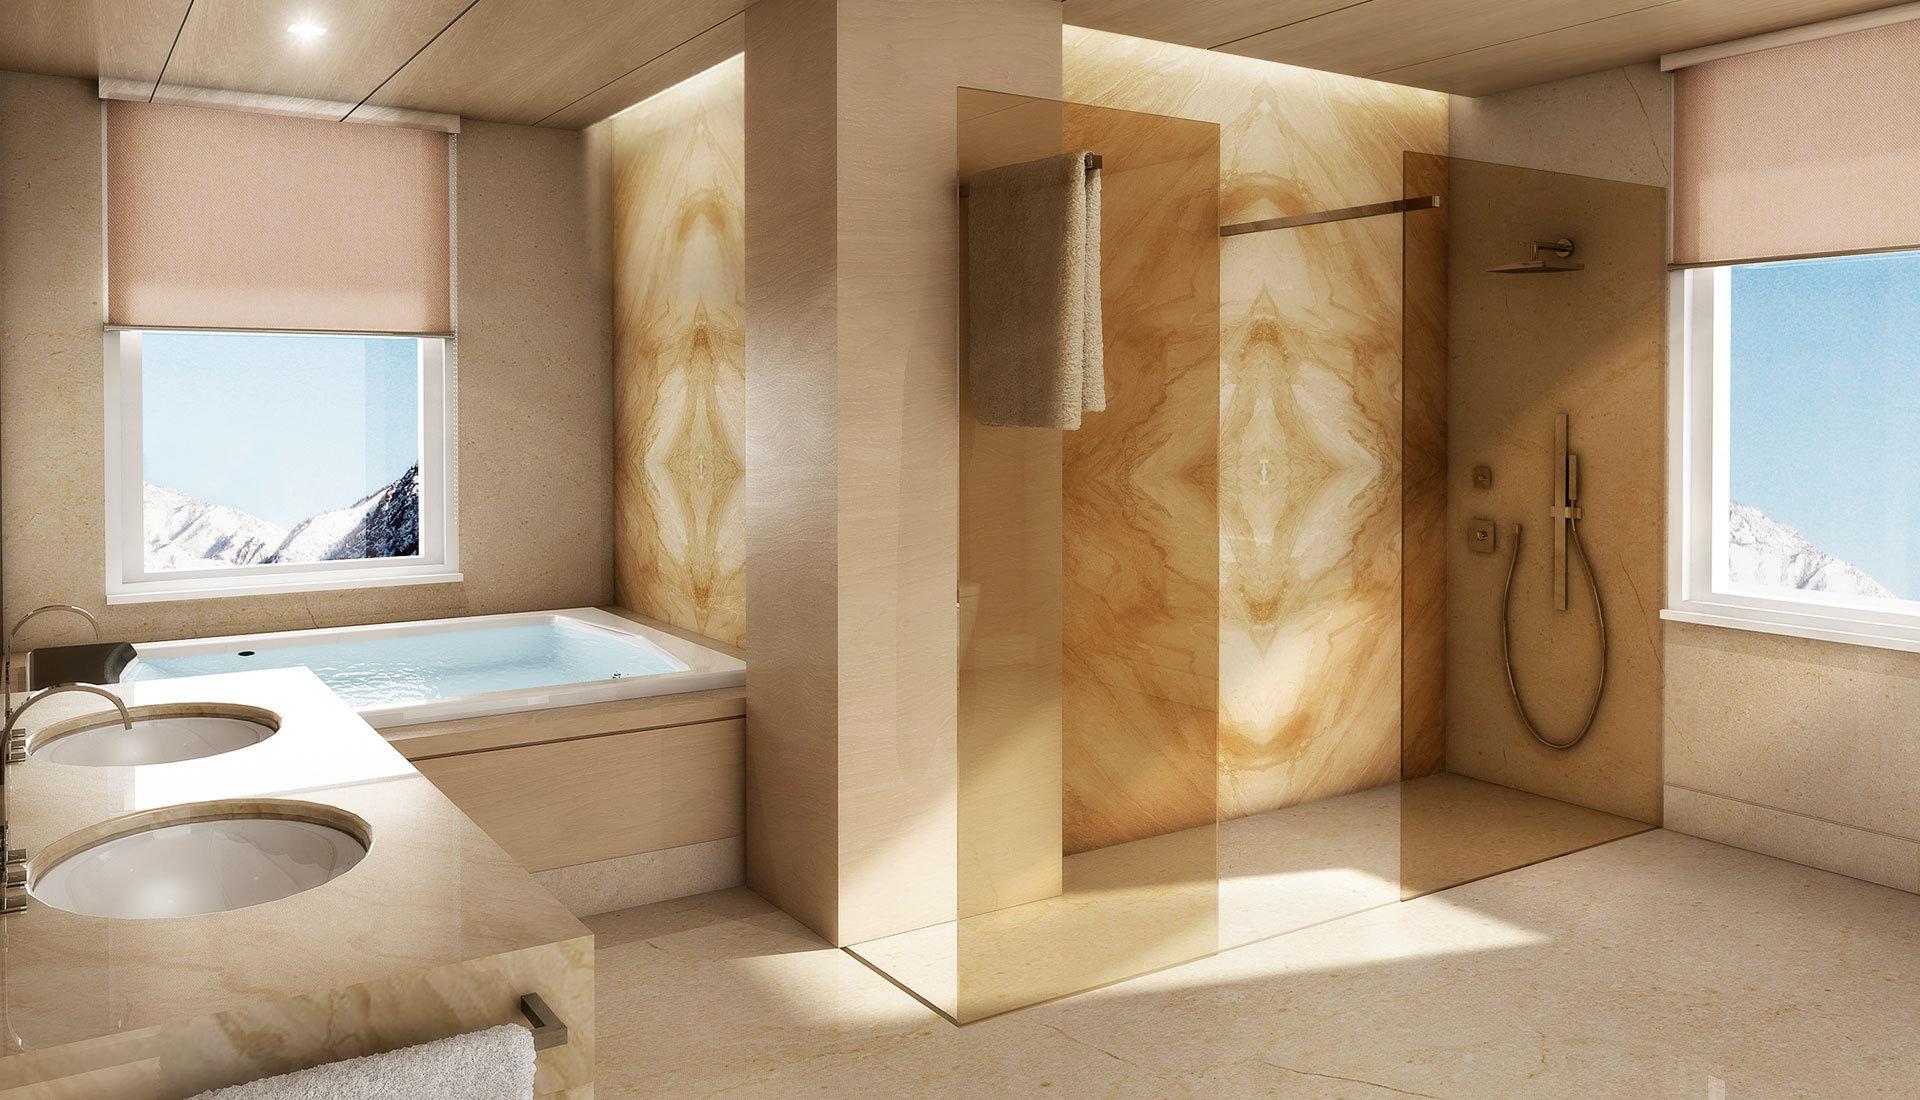 Bagni rtmstudio 3d - Bagno di marmo ...